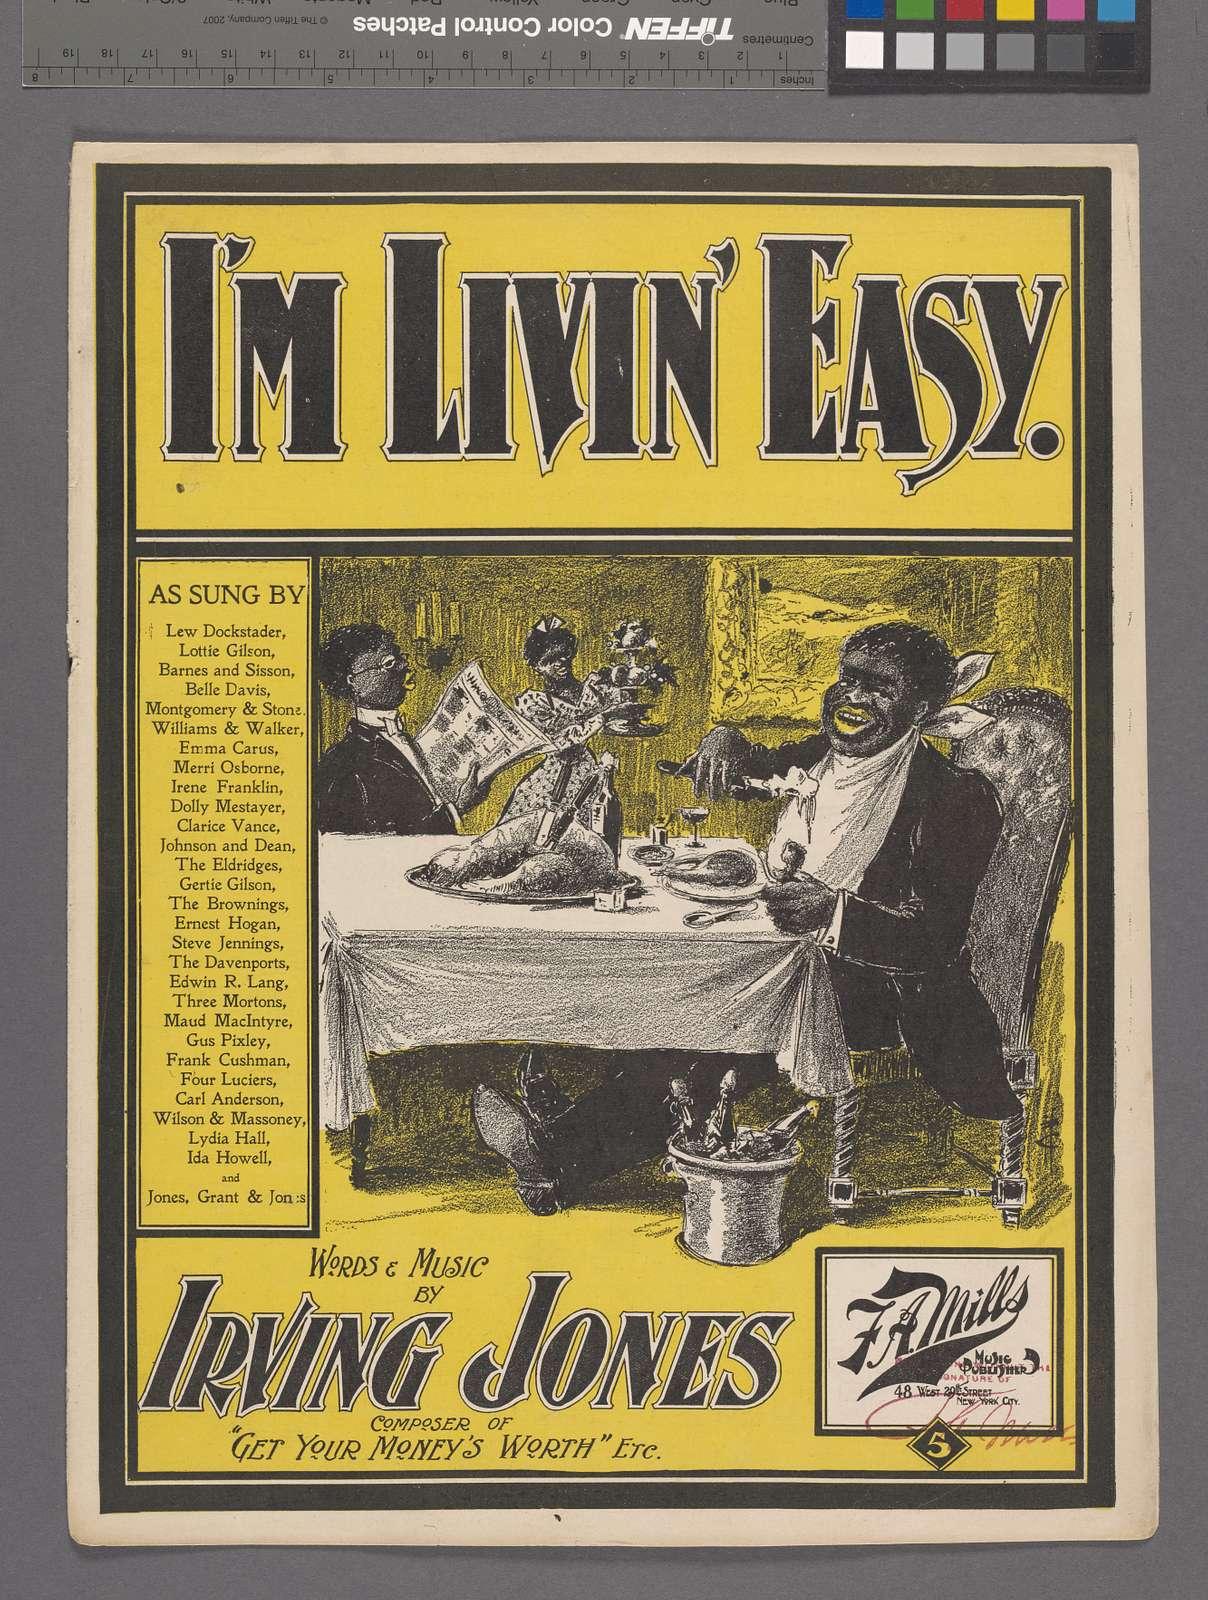 I'm livin' easy